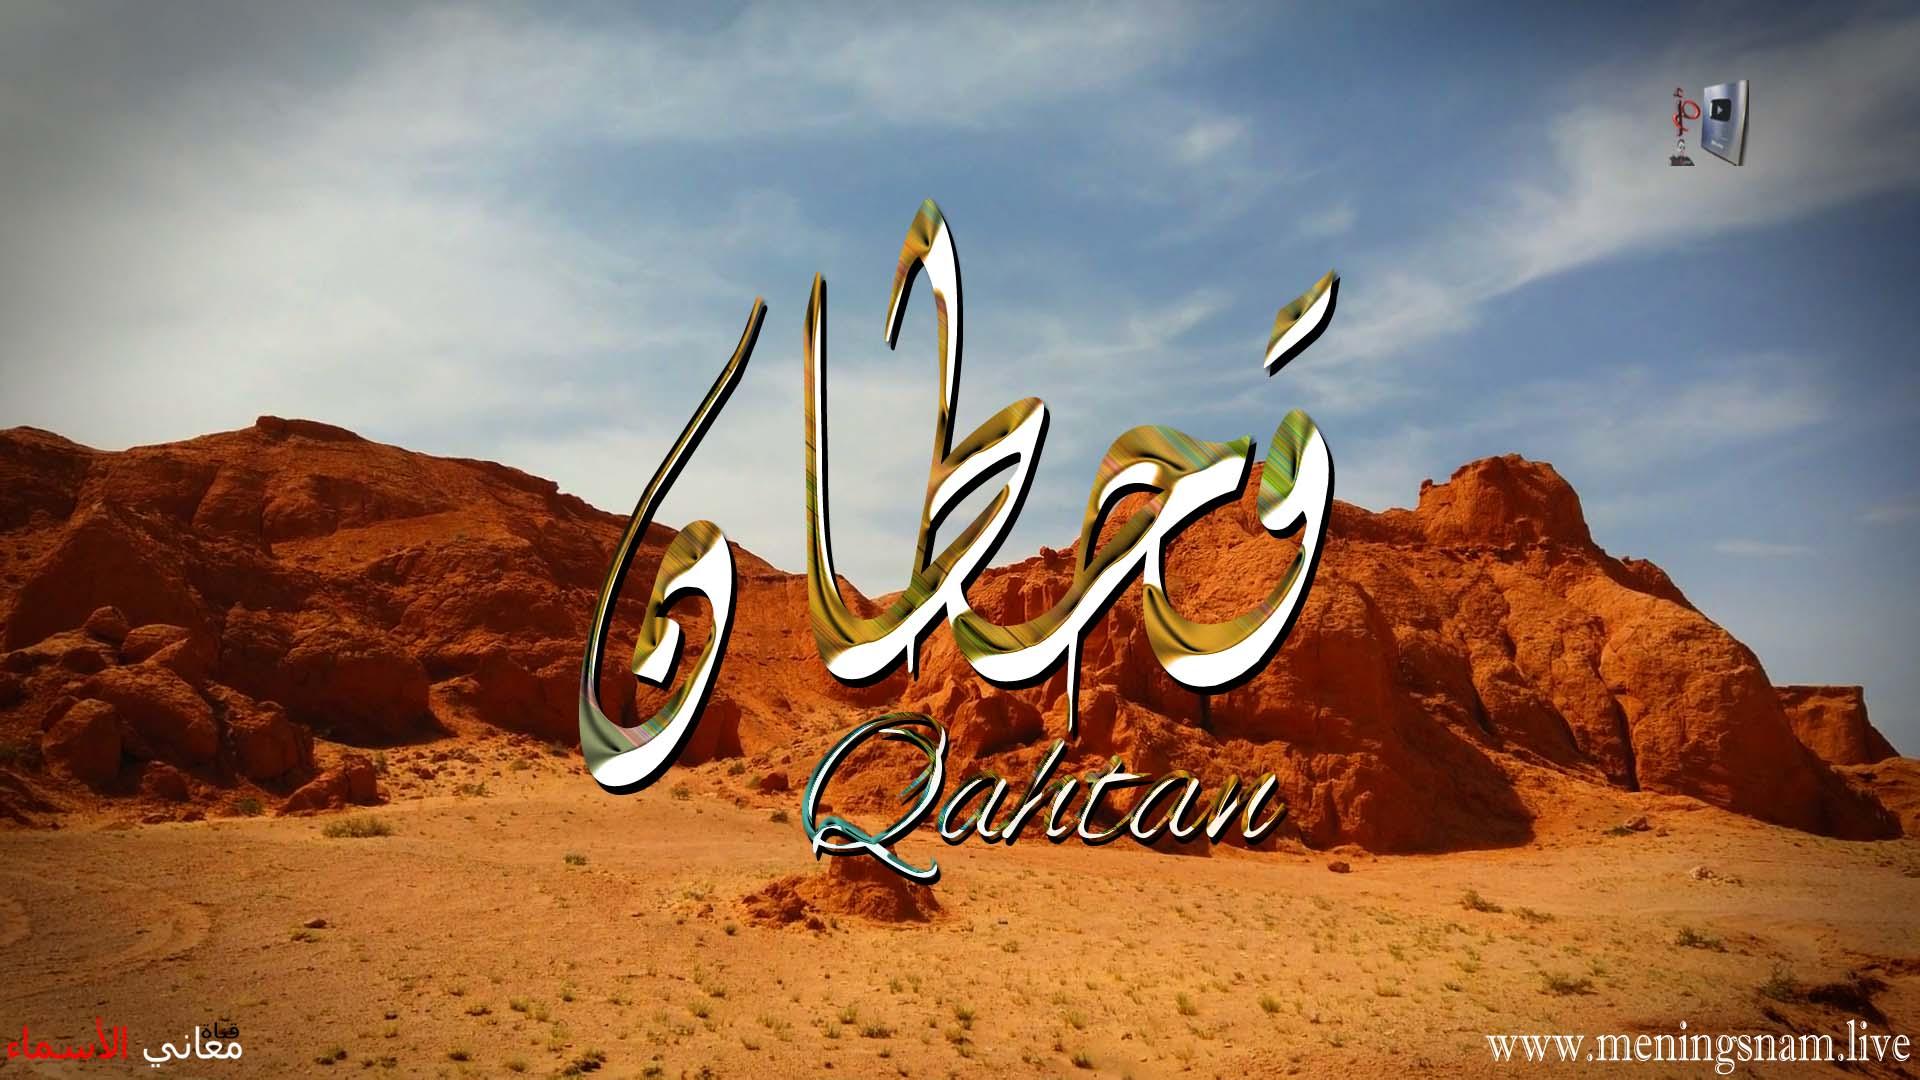 معنى اسم قحطان وصفات حامل هذا الاسم Qahtan